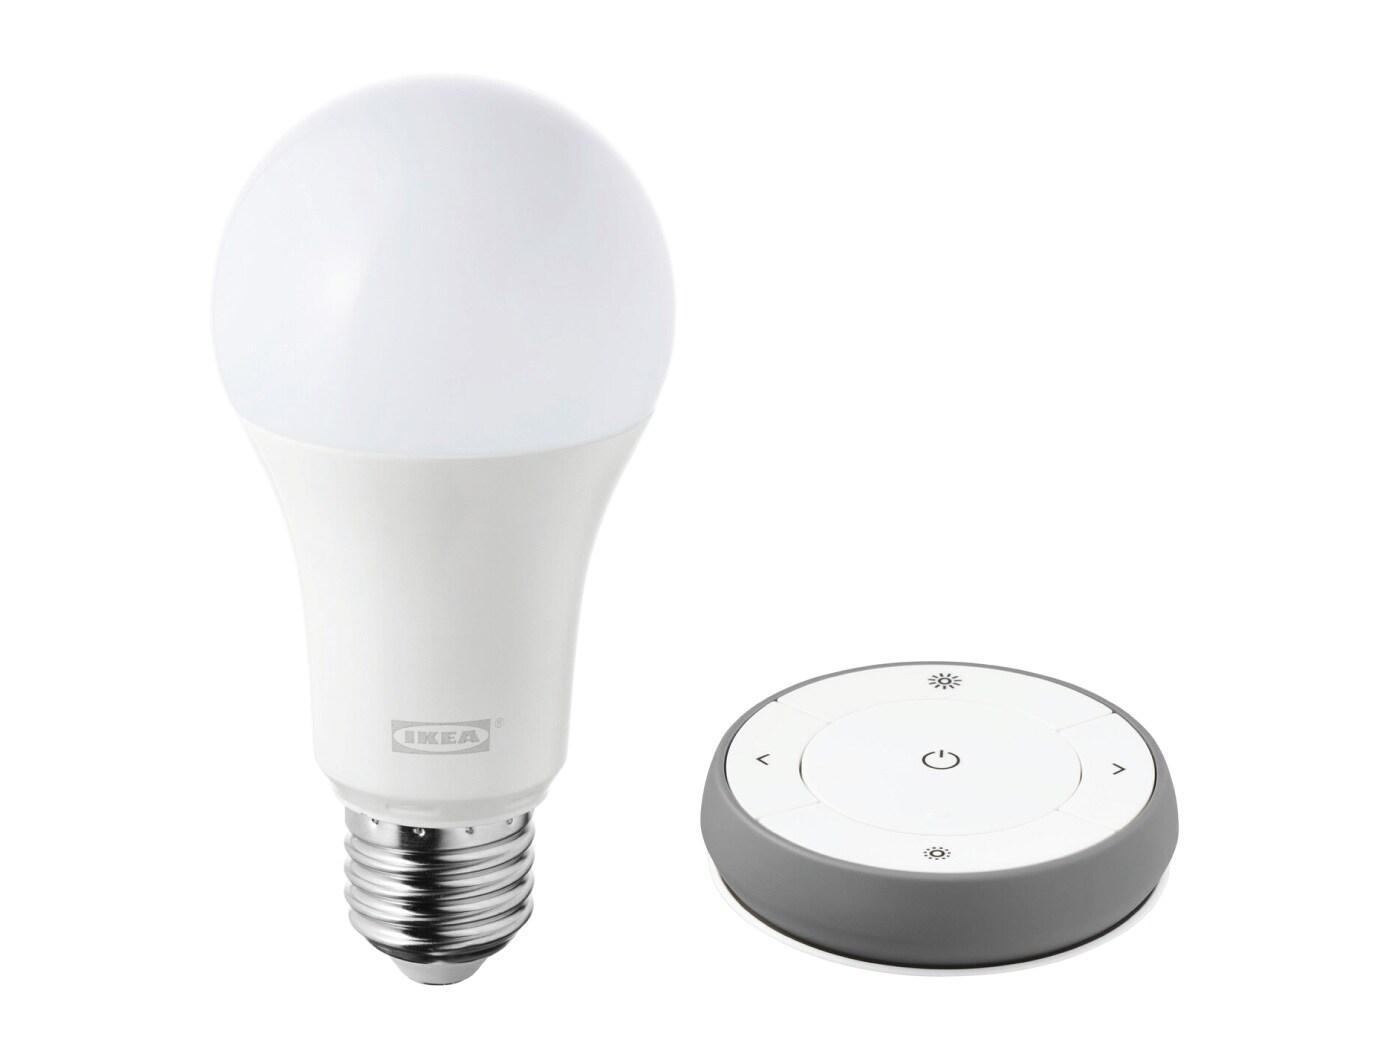 TRÅDFRI set s daljinskim upravljačem bijelog spektra obuhvaća LED žarulju i daljinski upravljač.